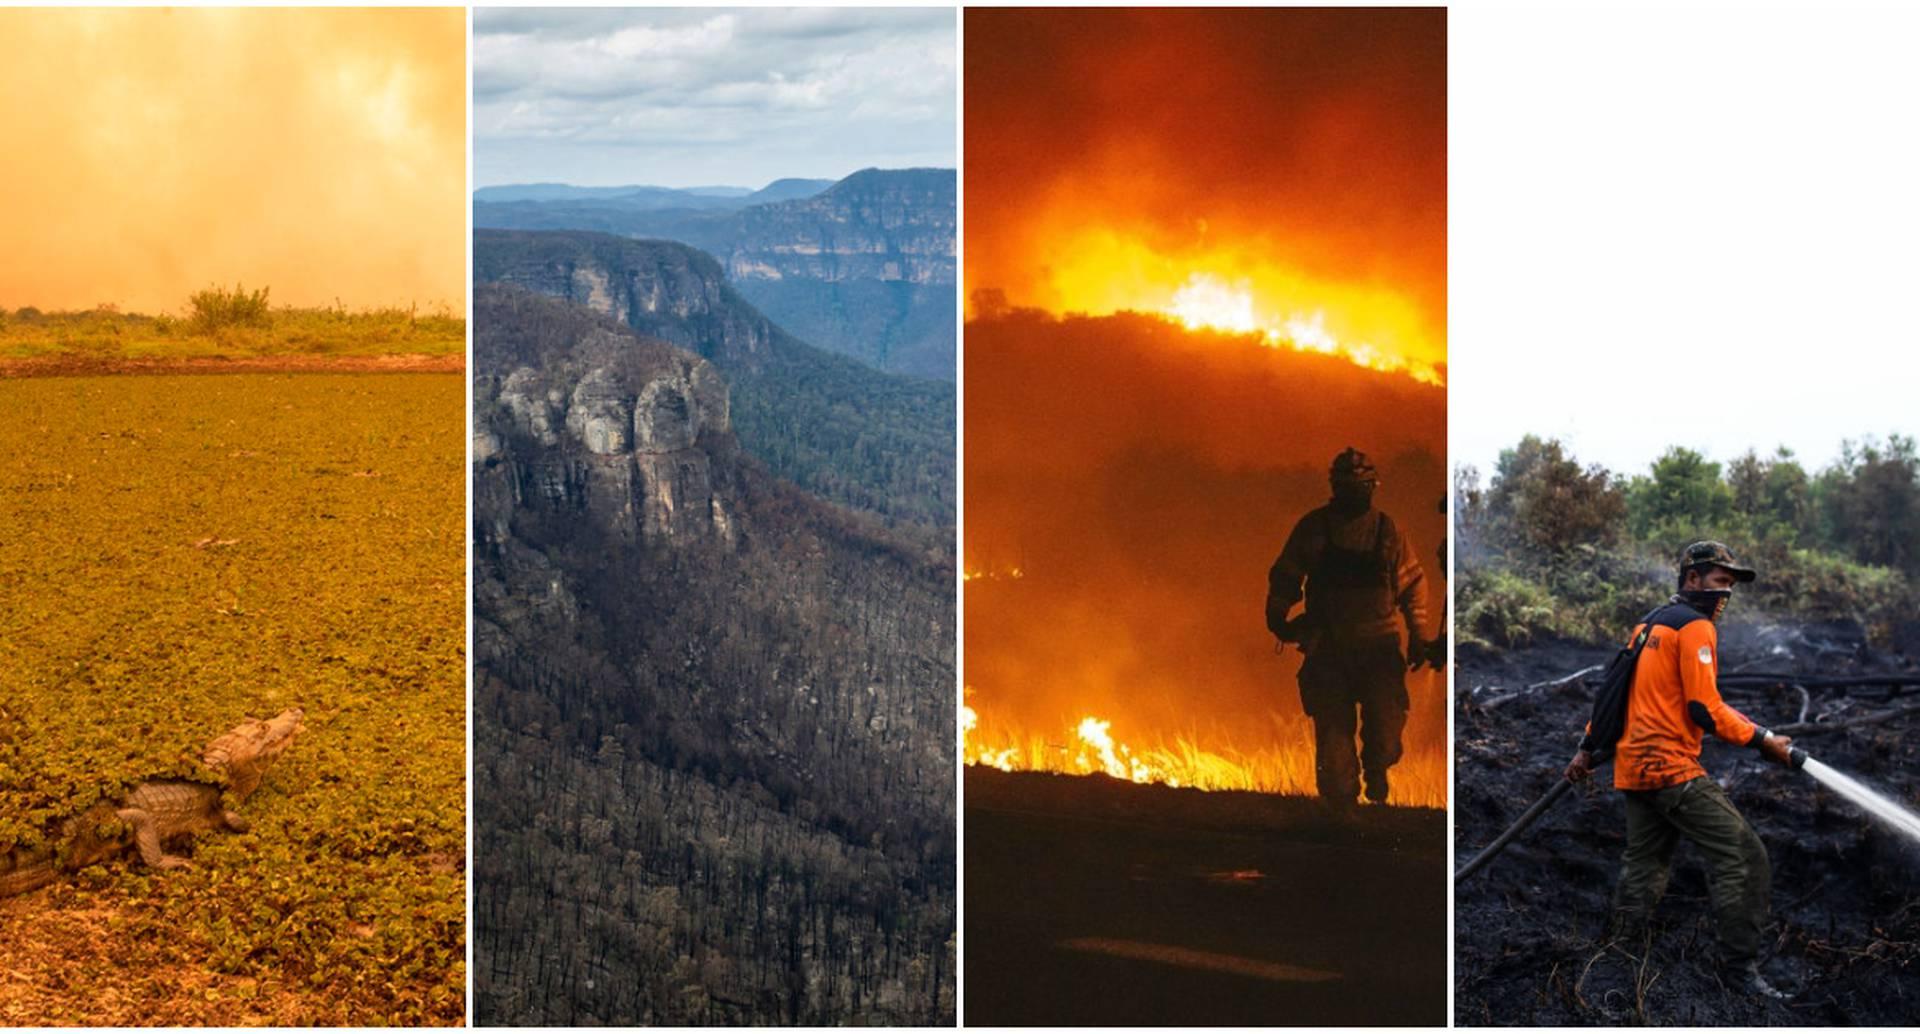 La destrucción sistemática de ecosistemas y su biodiversidad por cuenta de estos fenómenos podría tener graves consecuencias para la humanidad.